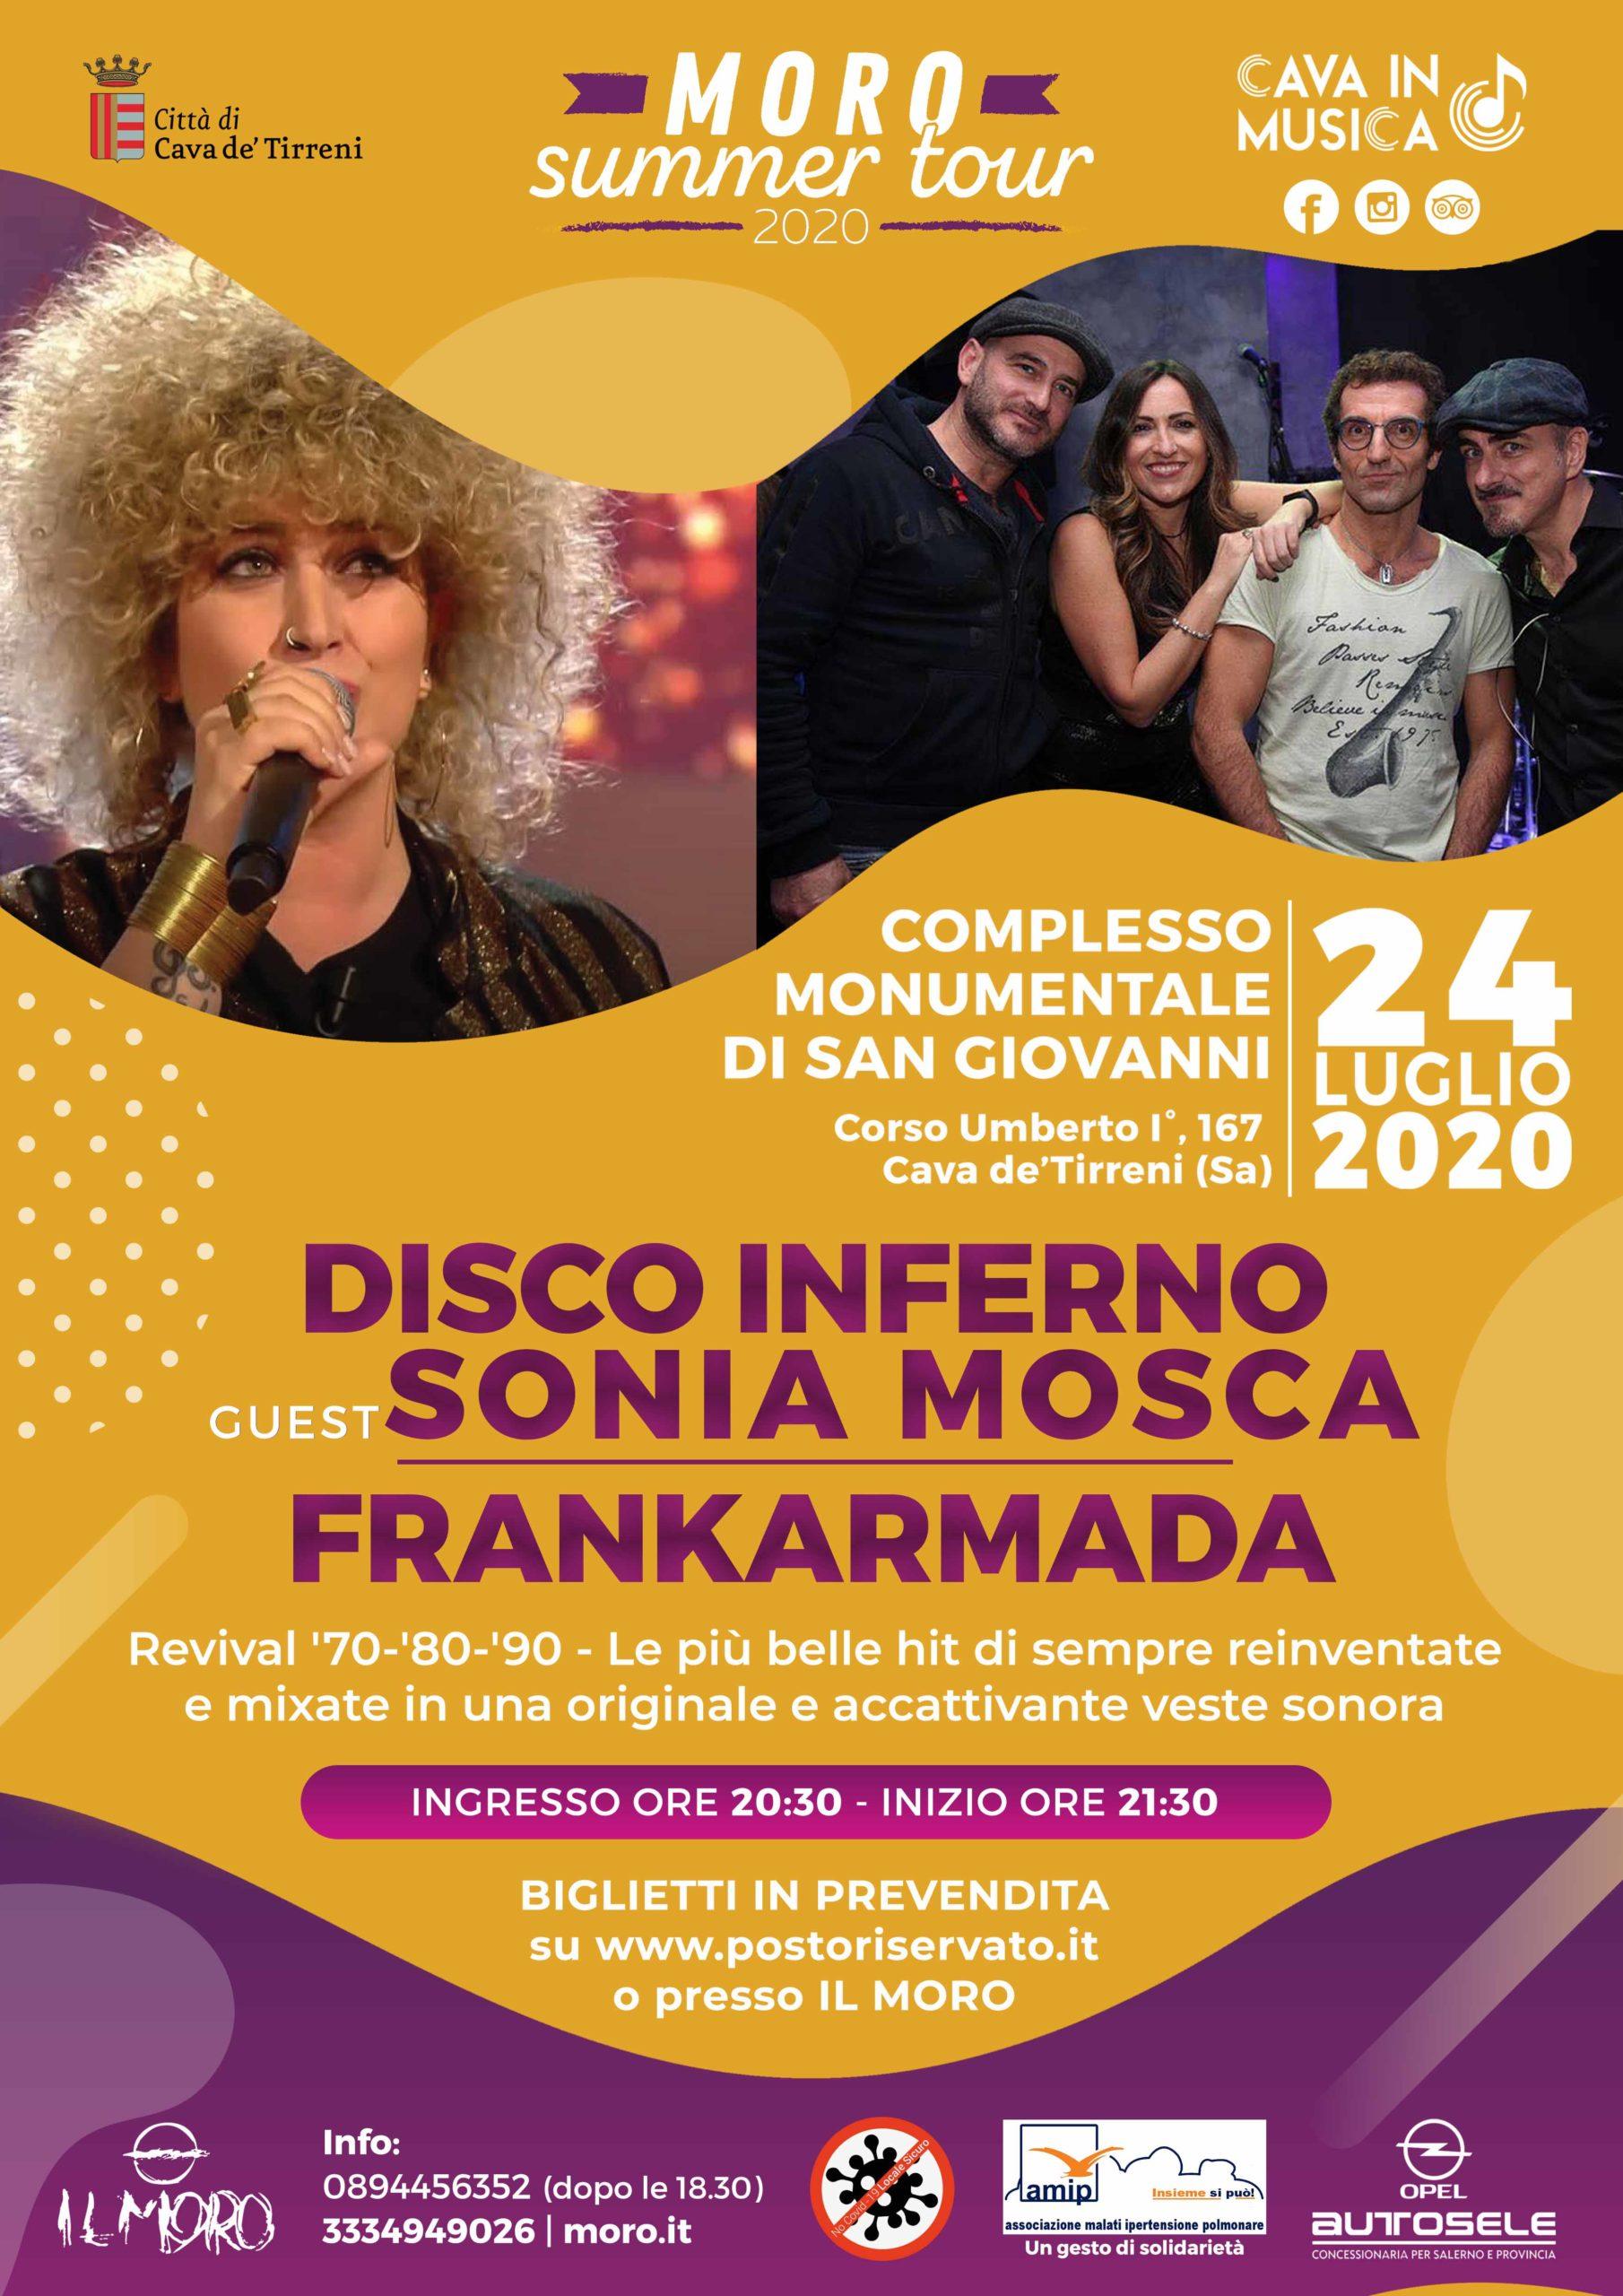 Pub Il Moro: Questa sera, Discoinferno Live guest Sonia Mosca & Frankarmada